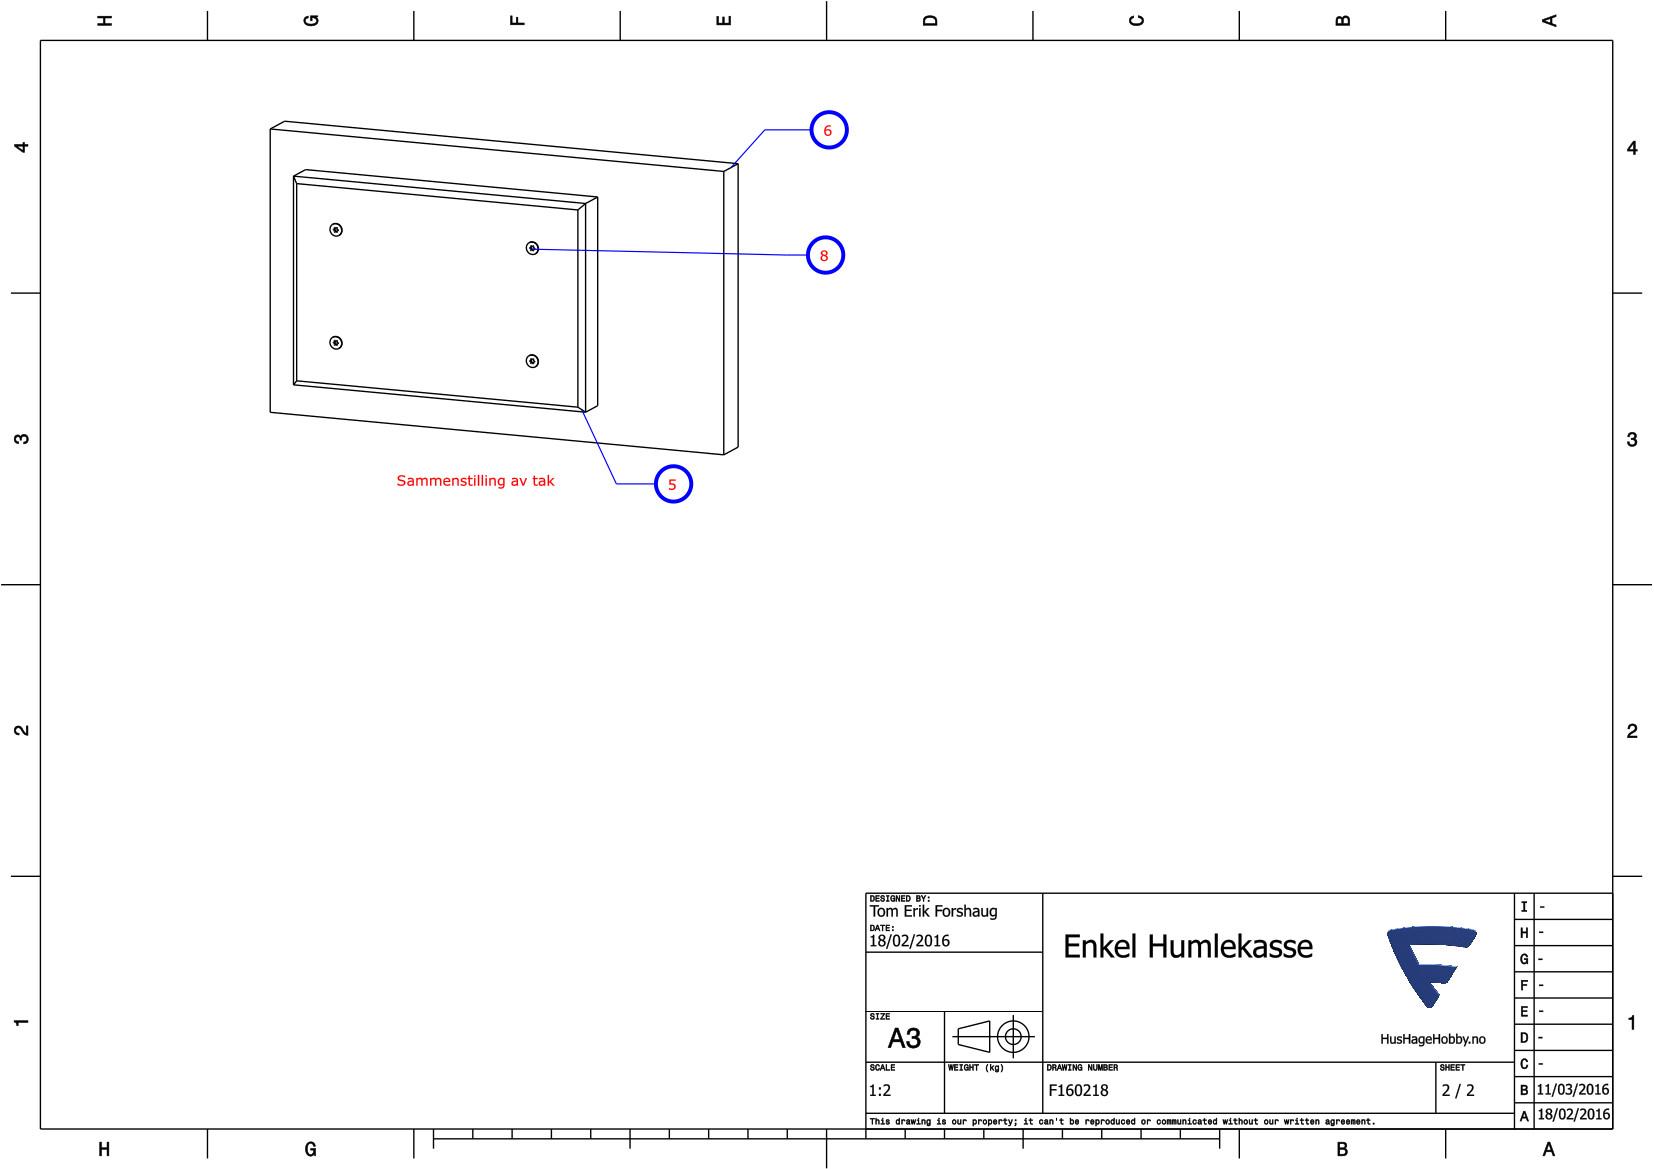 F16021801 - Enkel humlekasse 2